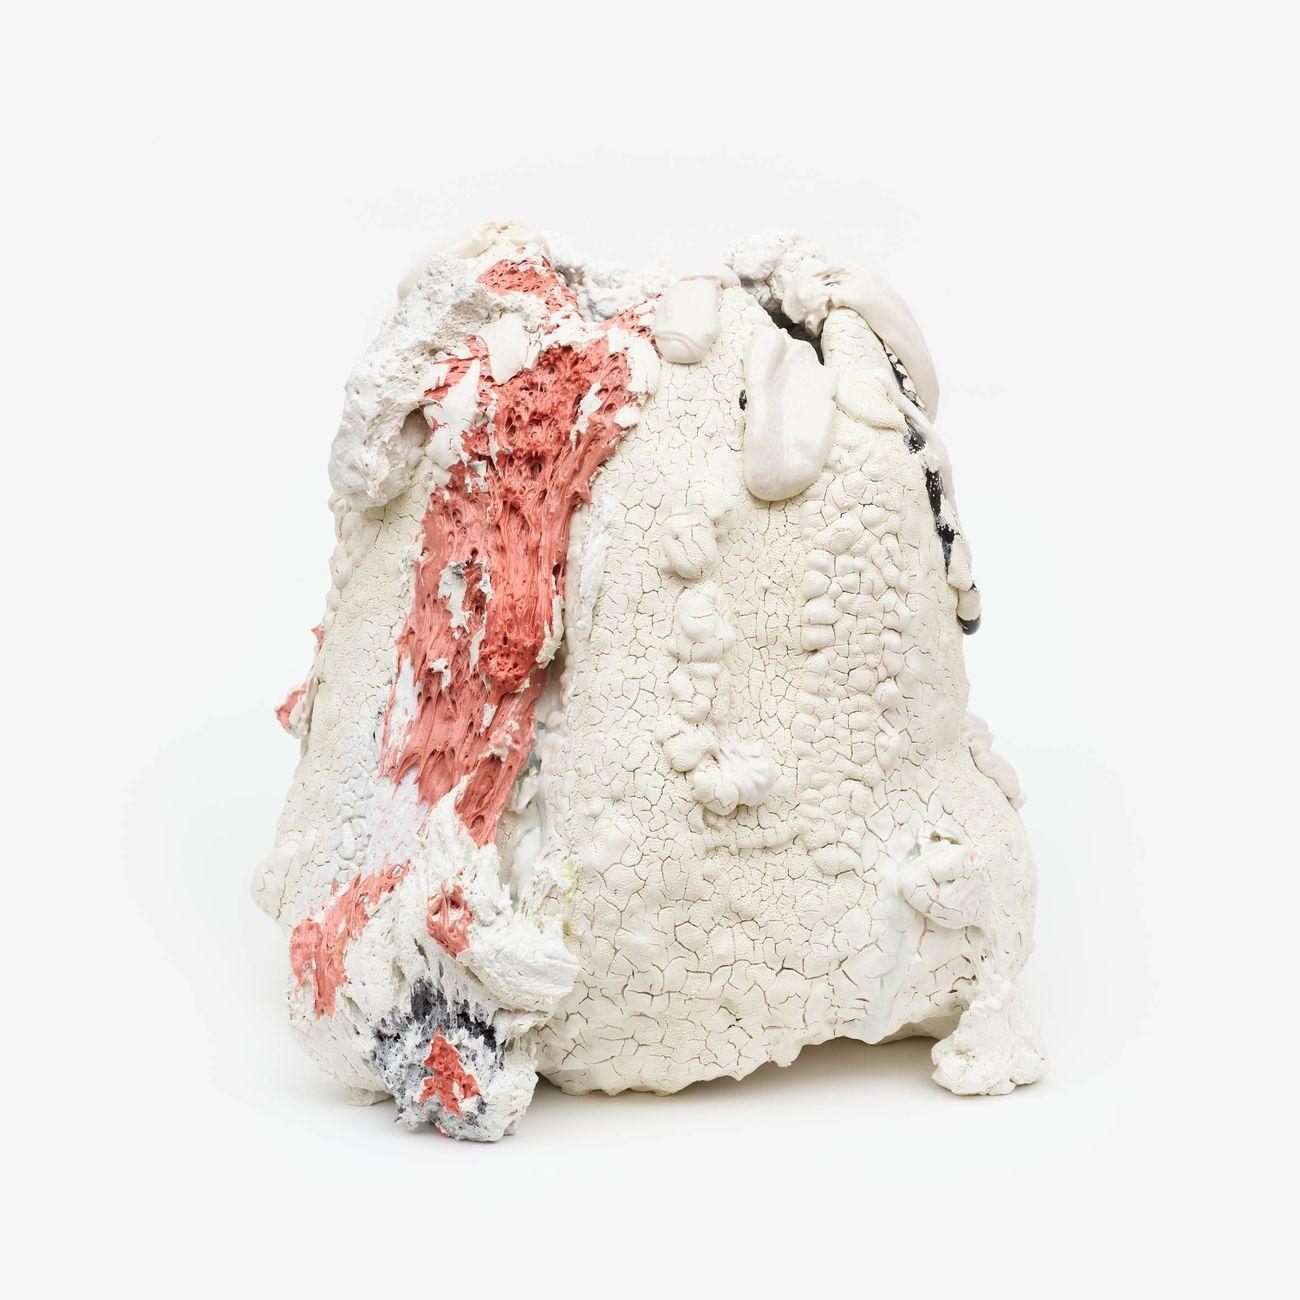 Brian Rochefort, White Dwarf, 2020, ceramica, smalto, frammenti di vetro, 55.8 × 53.4 × 50.8 cm. Courtesy Massimo De Carlo